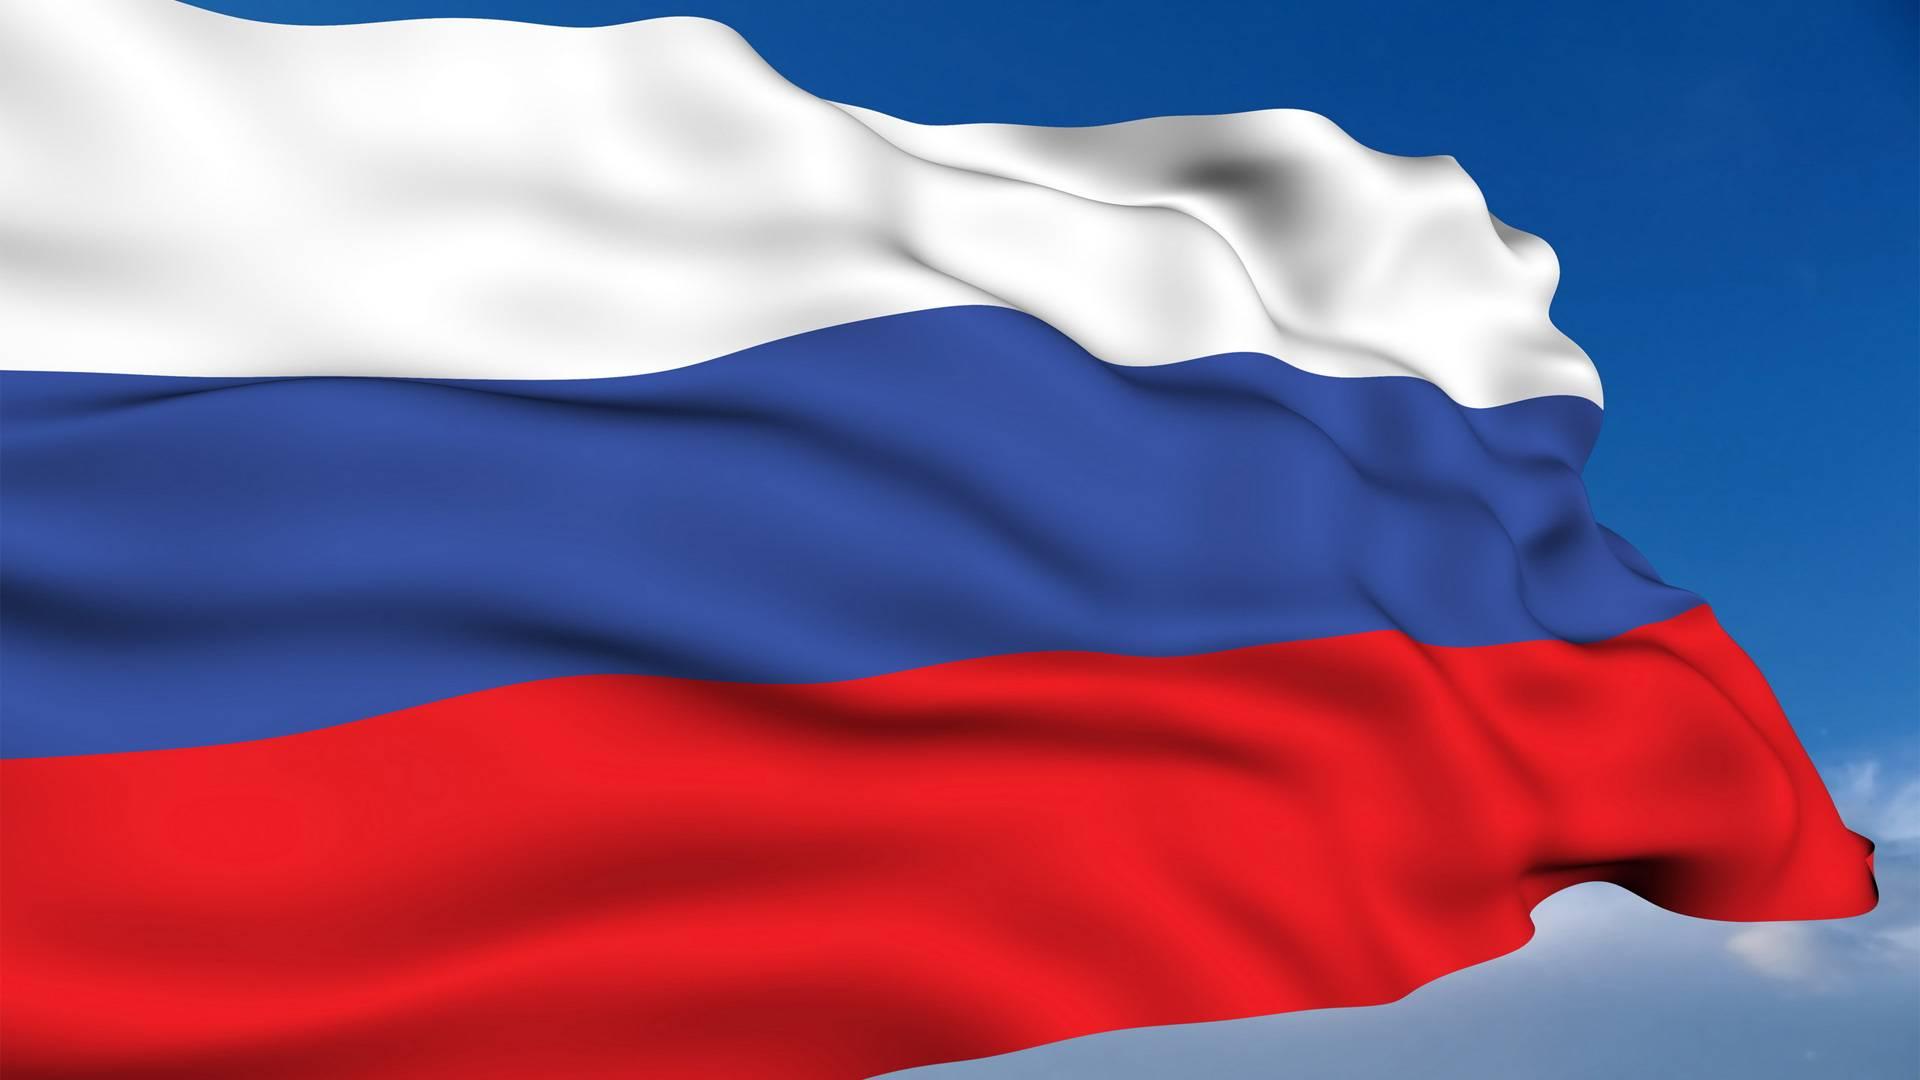 Икономически и политически рискове пред Руската федерация